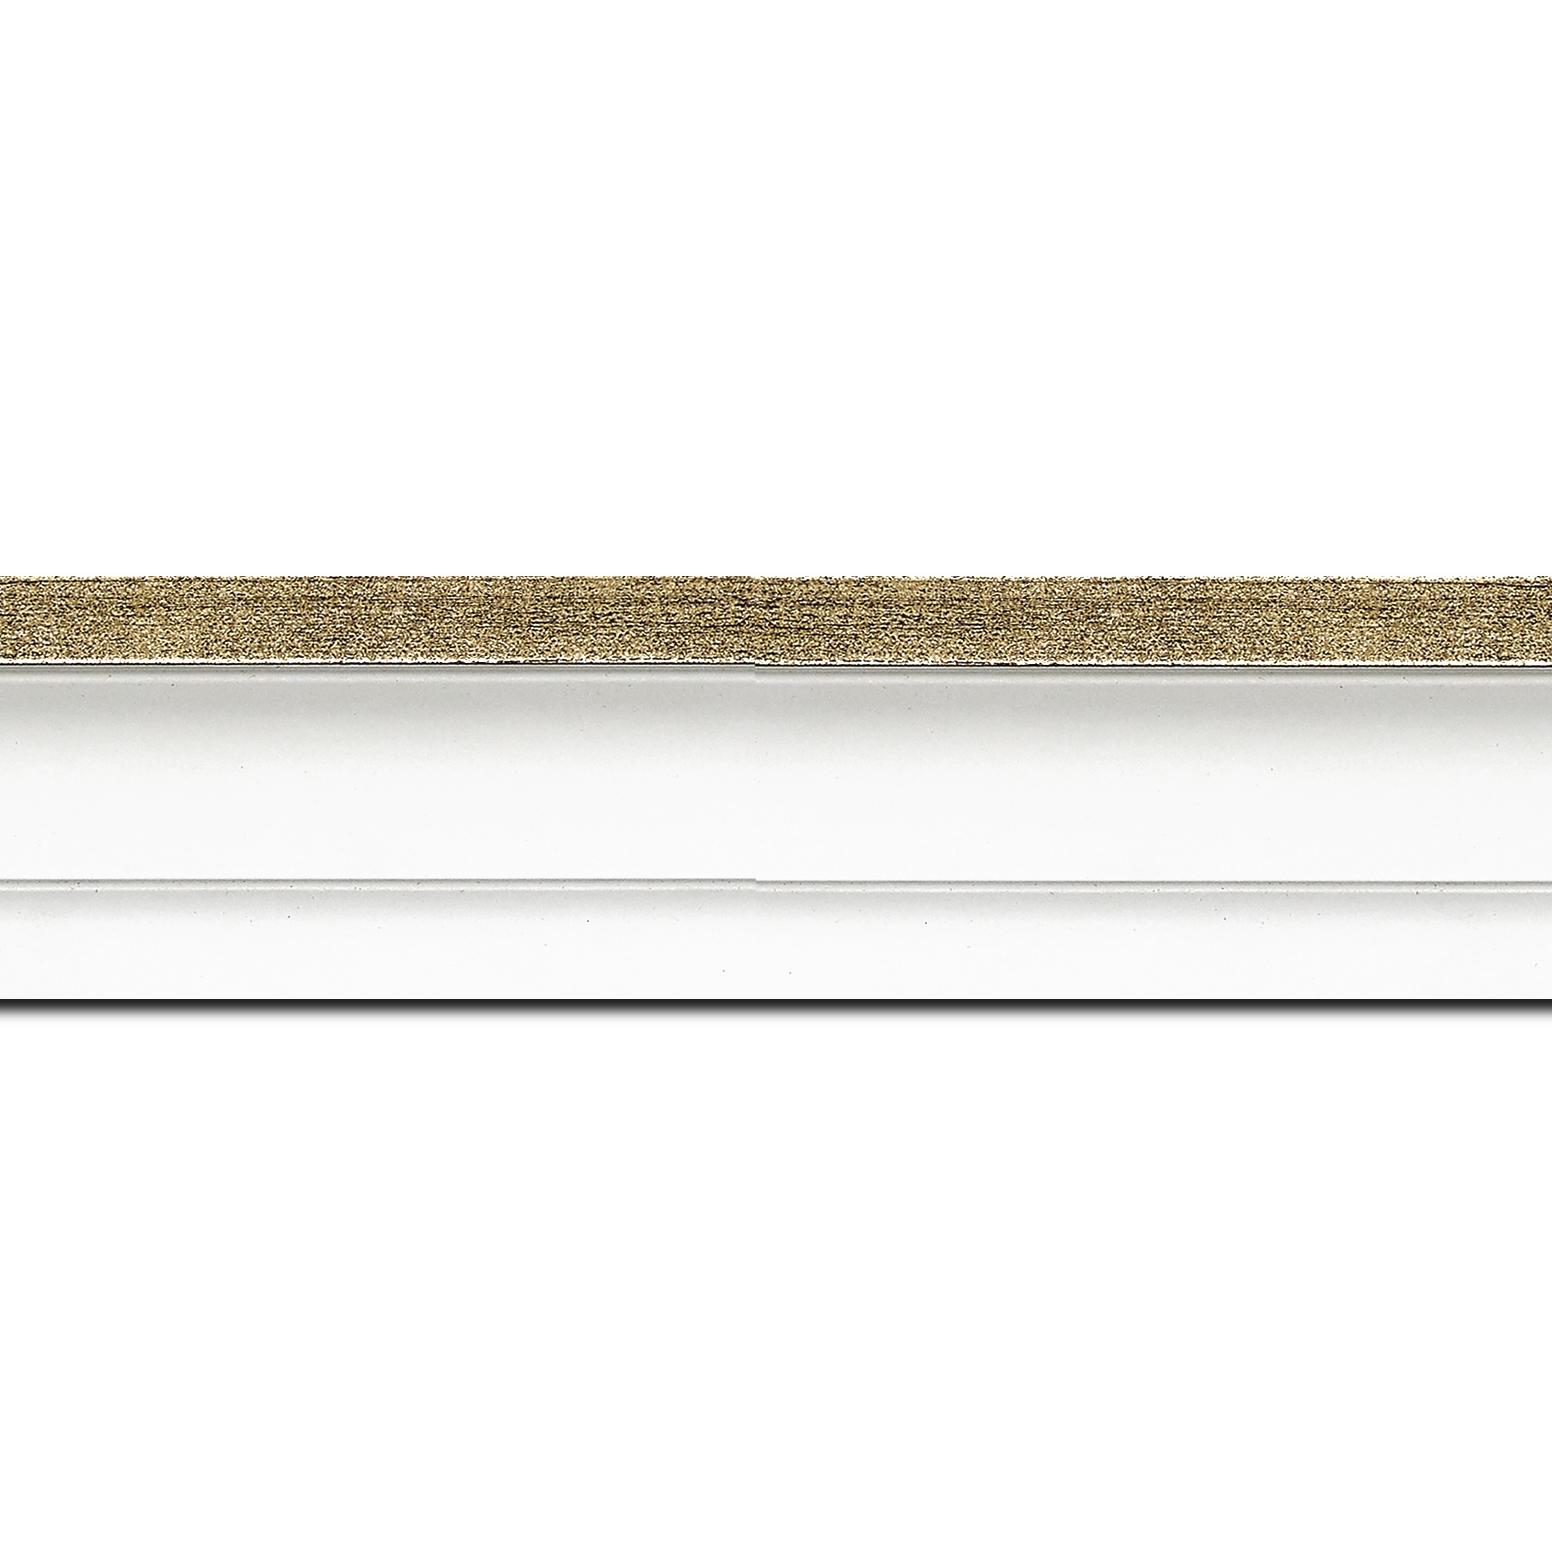 Pack par 12m, bois caisse américaine profil escalier largeur 4.5cm blanc mat filet or (spécialement conçu pour les châssis d'une épaisseur jusqu'à 2.5cm )(longueur baguette pouvant varier entre 2.40m et 3m selon arrivage des bois)